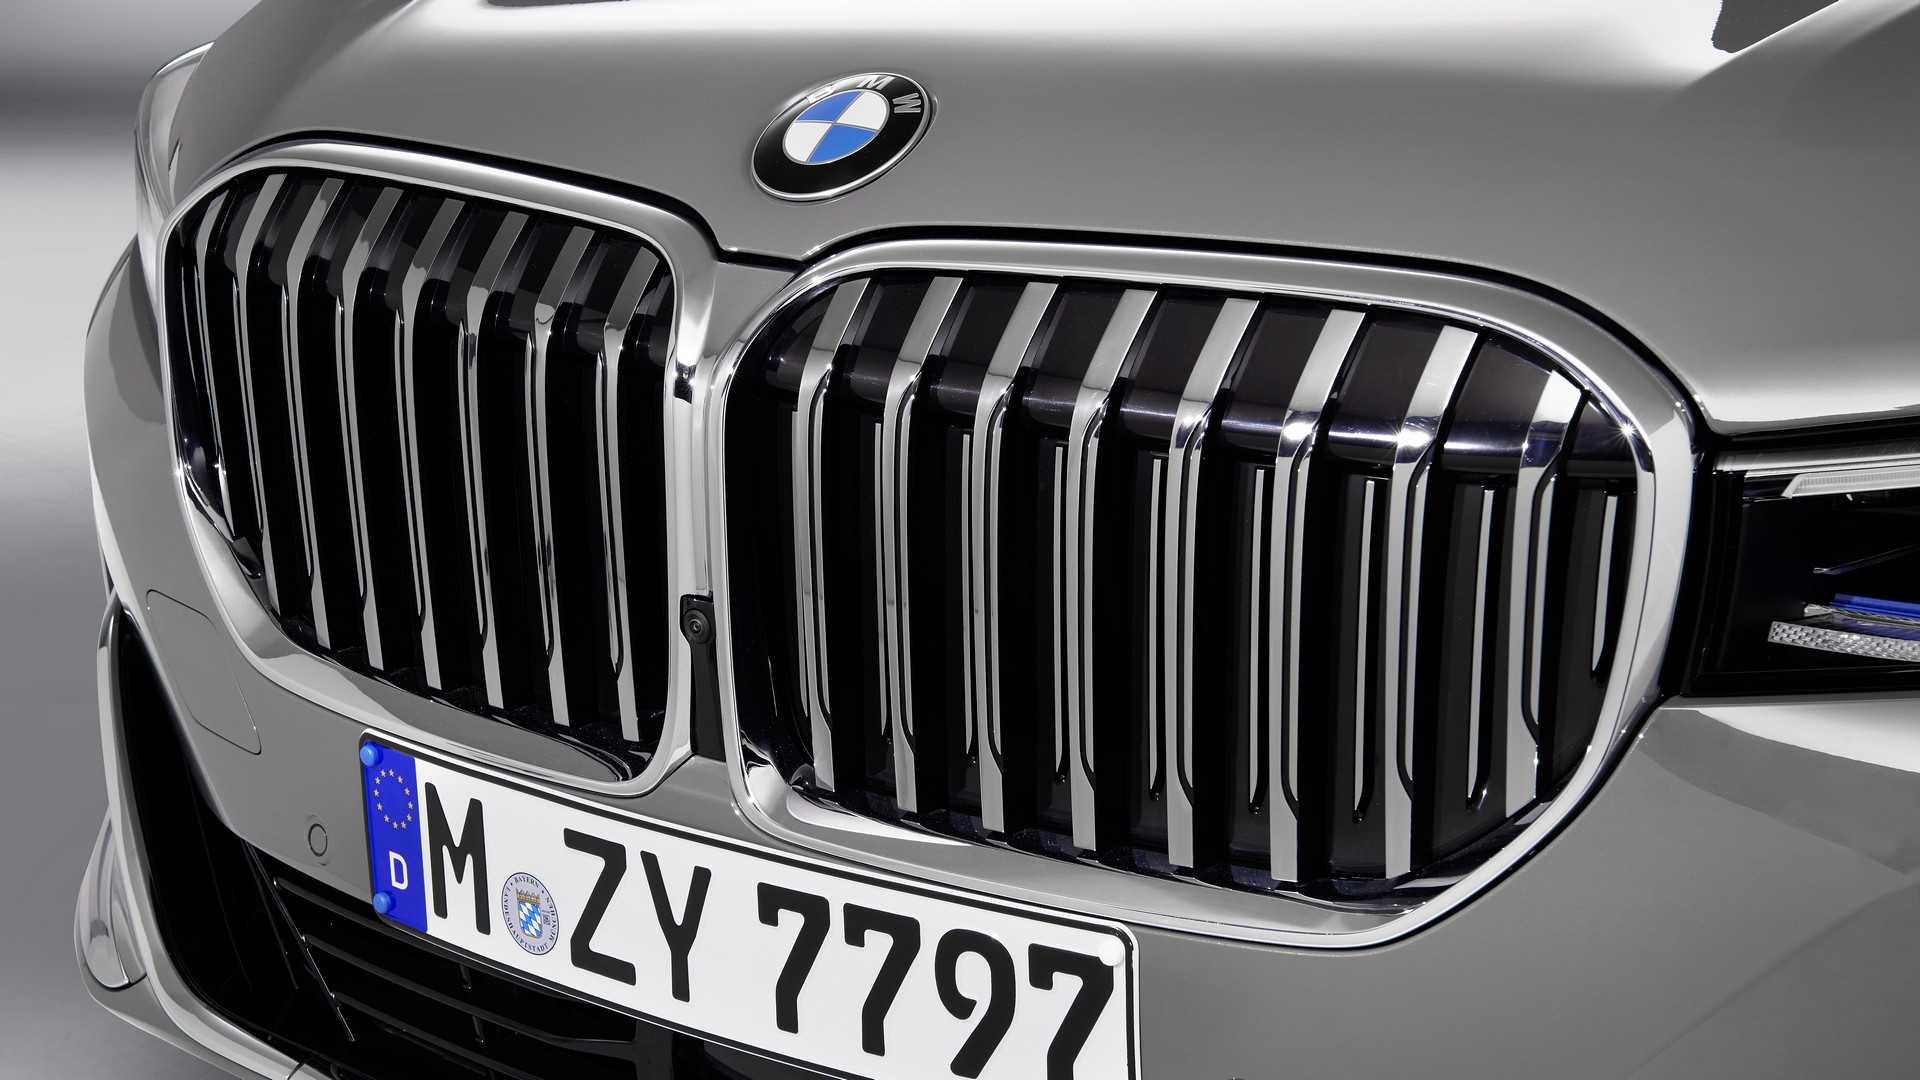 BMW 7 Series thế hệ mới sẽ có thêm bản chạy điện hoàn toàn - 6